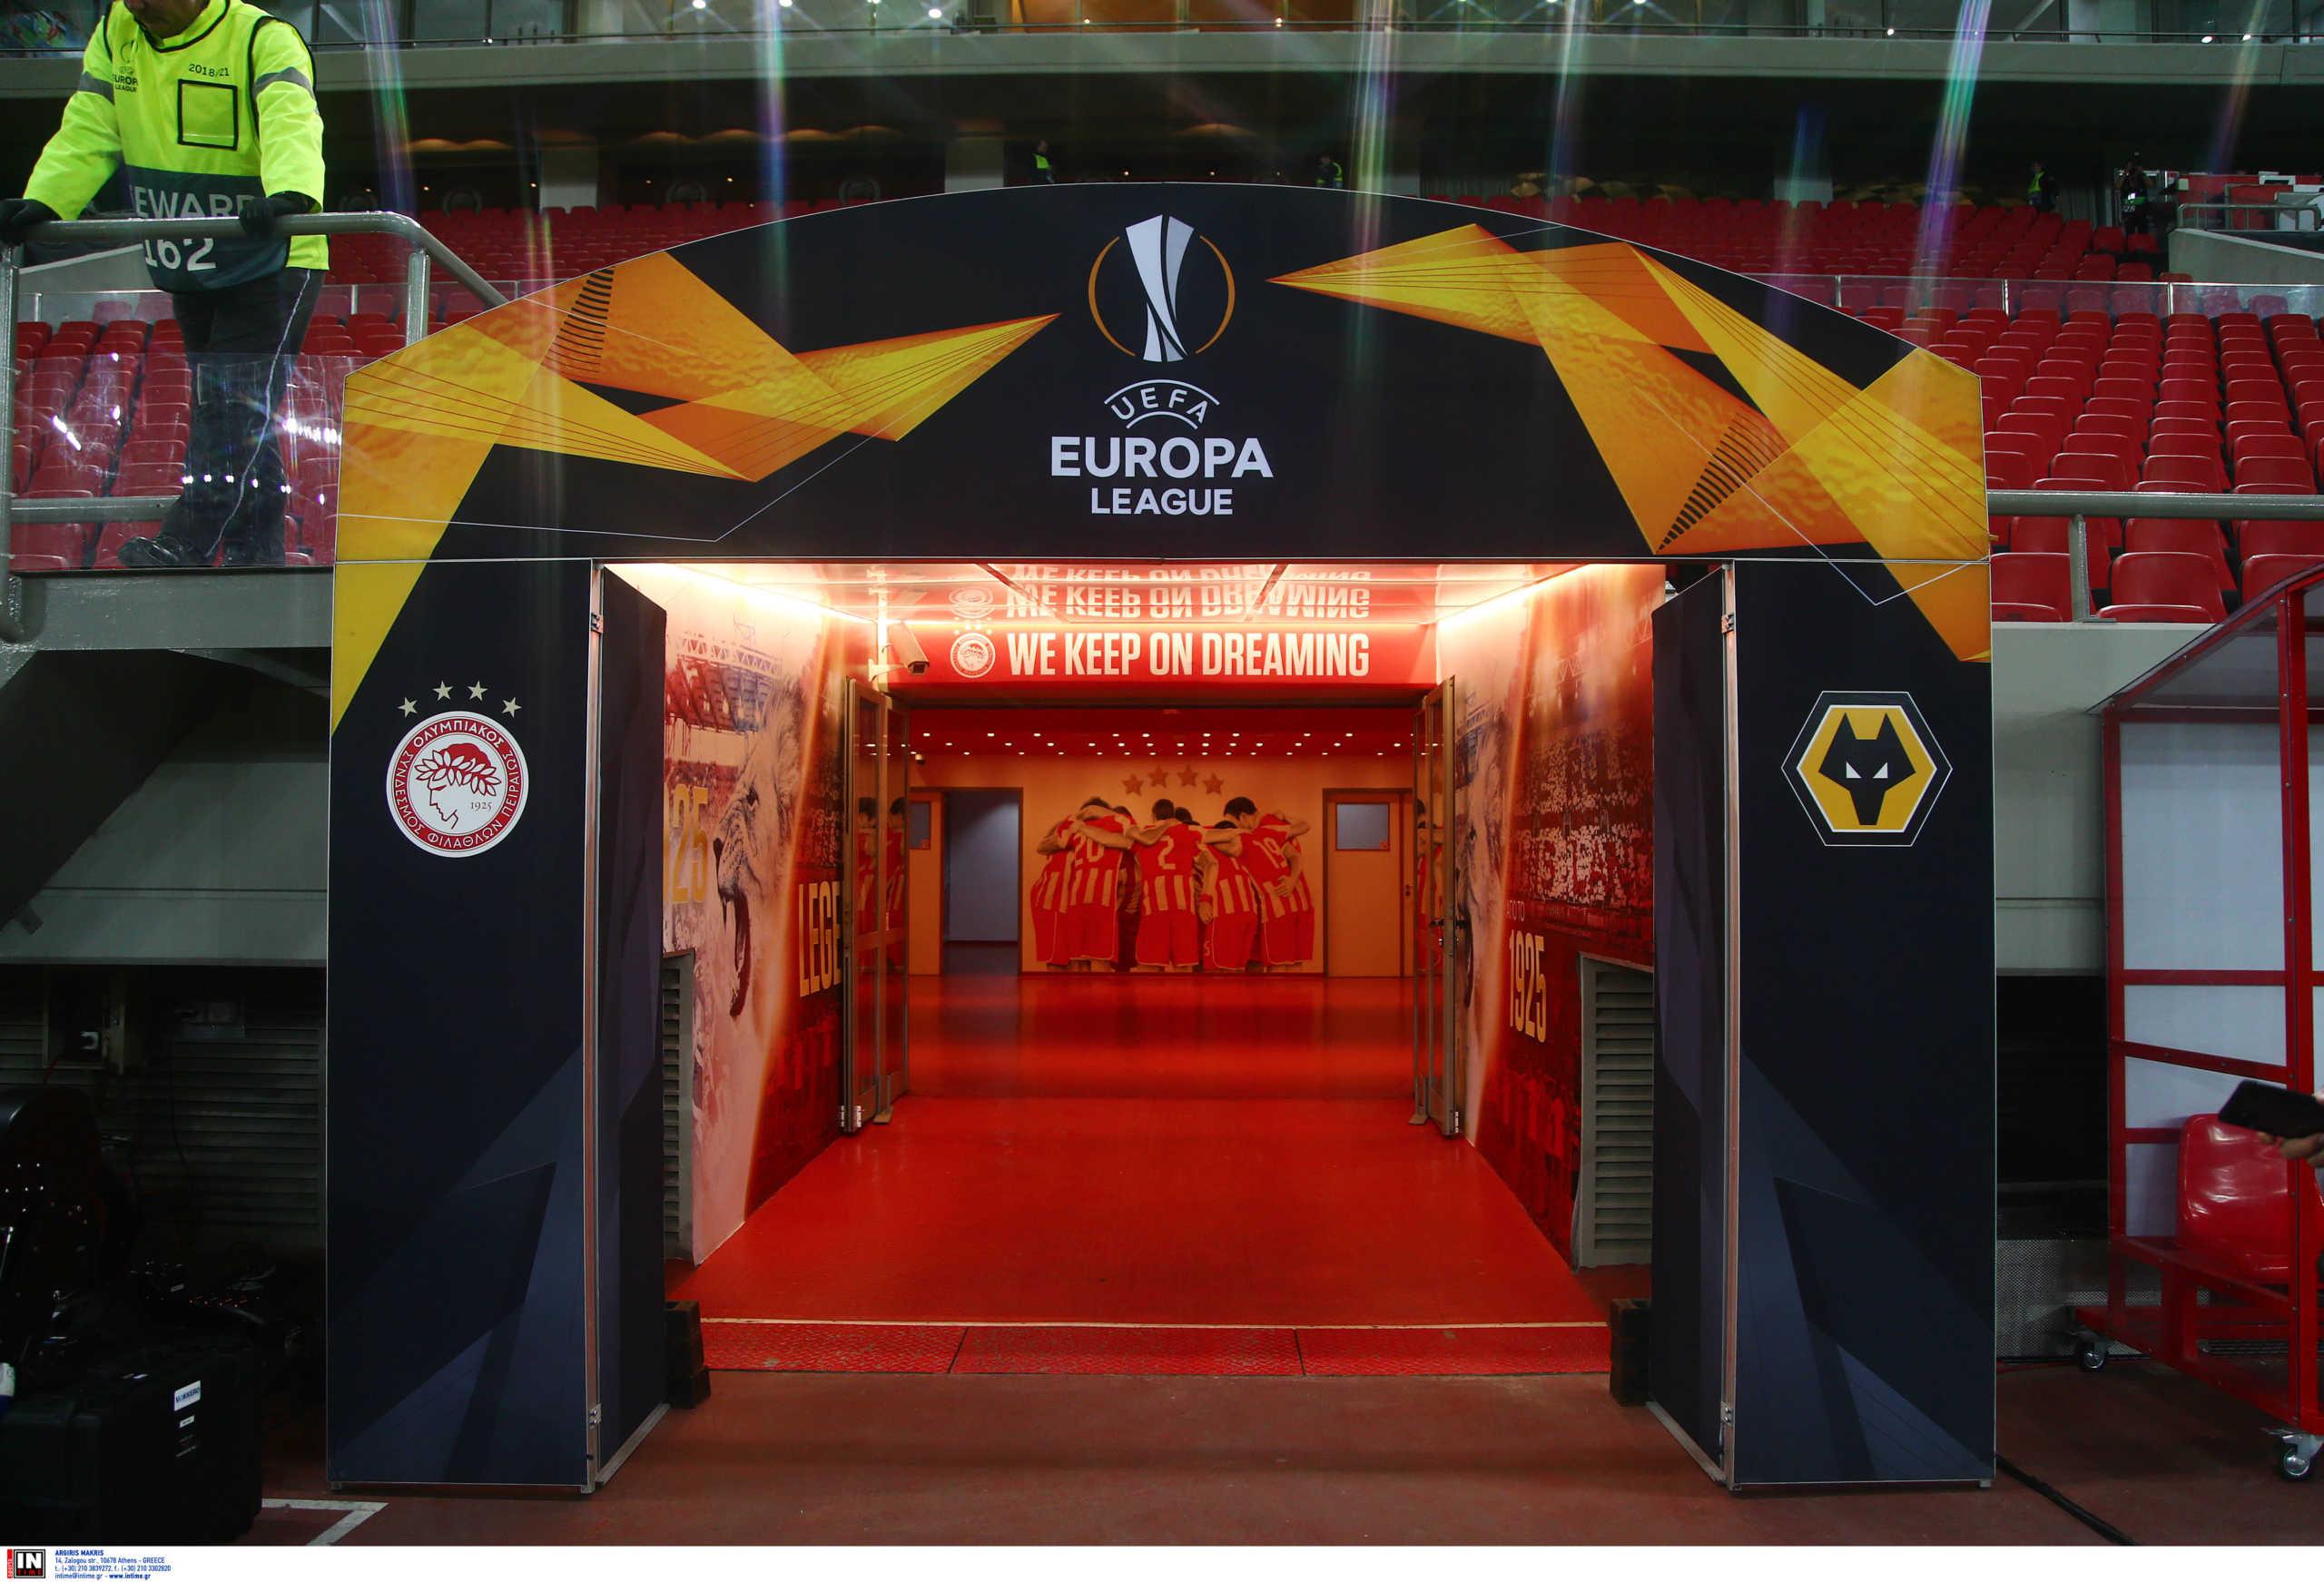 """Επίσημα στο """"Μολινό"""" το Γουλβς – Ολυμπιακός! Τι ανακοίνωσε η UEFA για Europa και Champions League (pics)"""